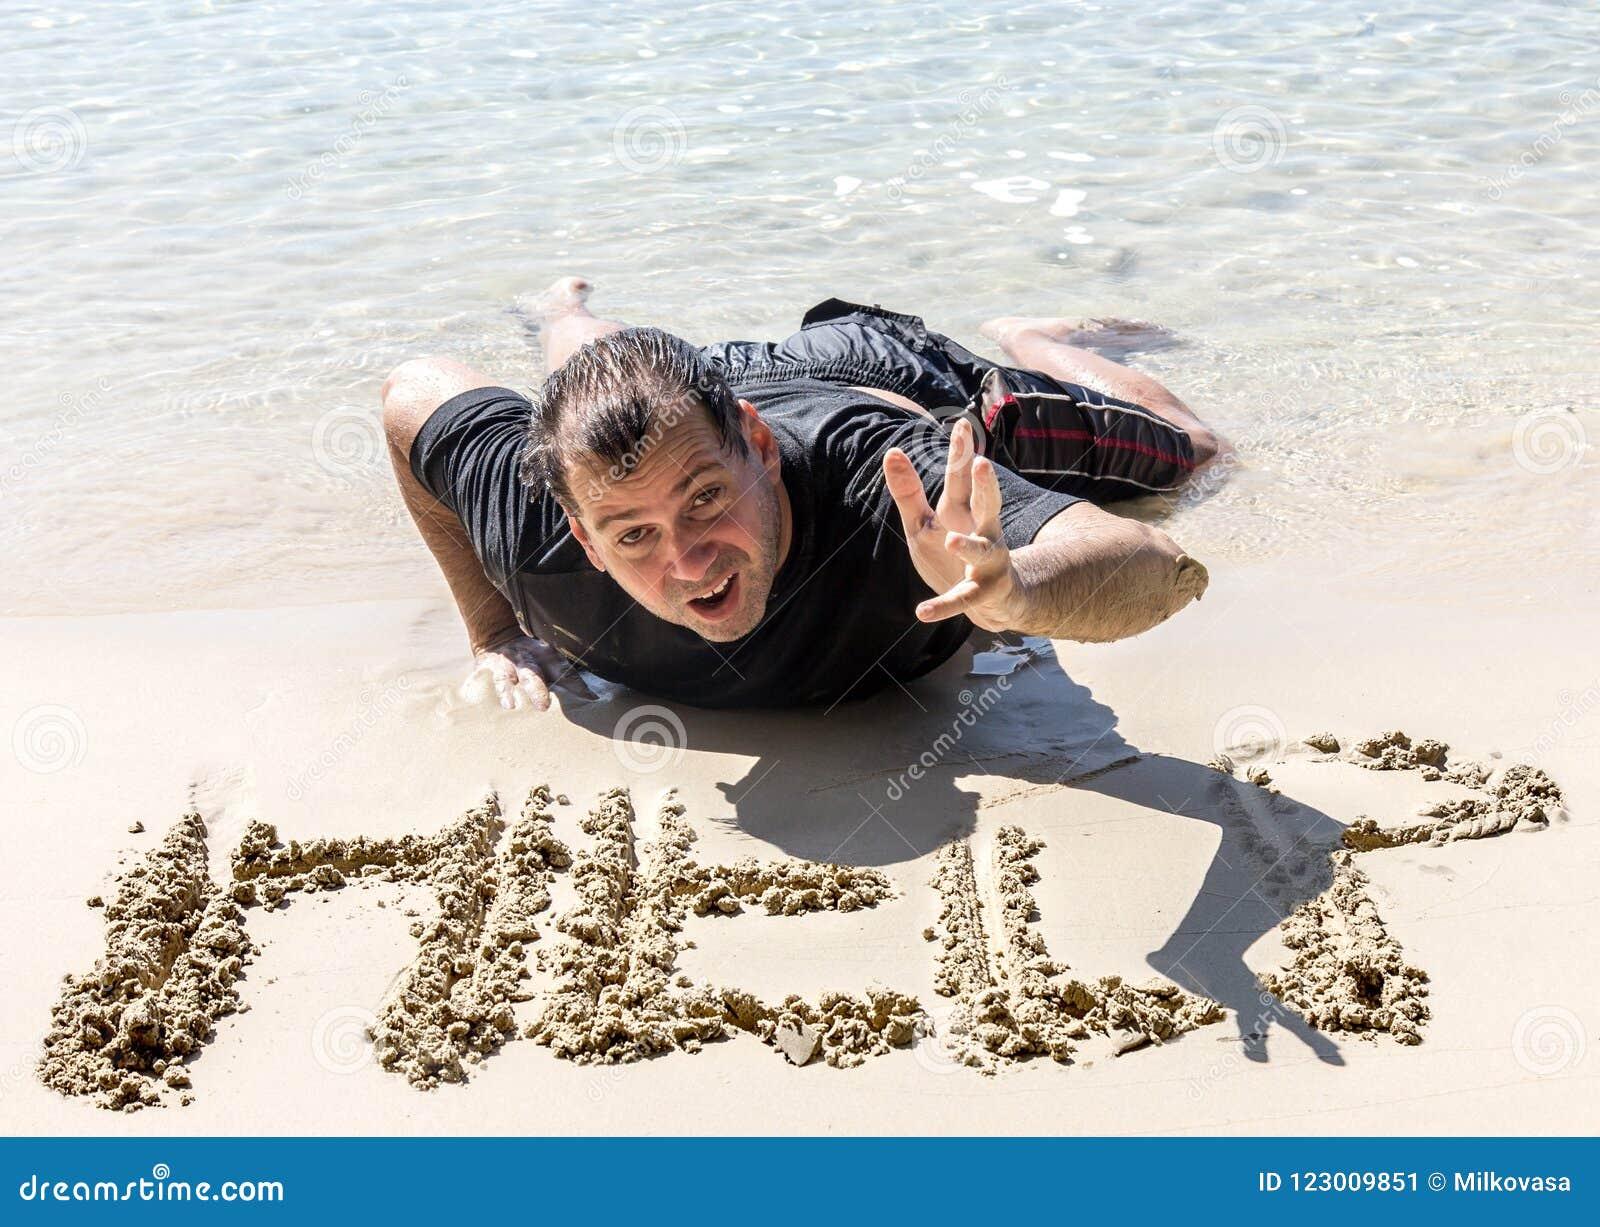 Gesloopte mens op de kustlijn